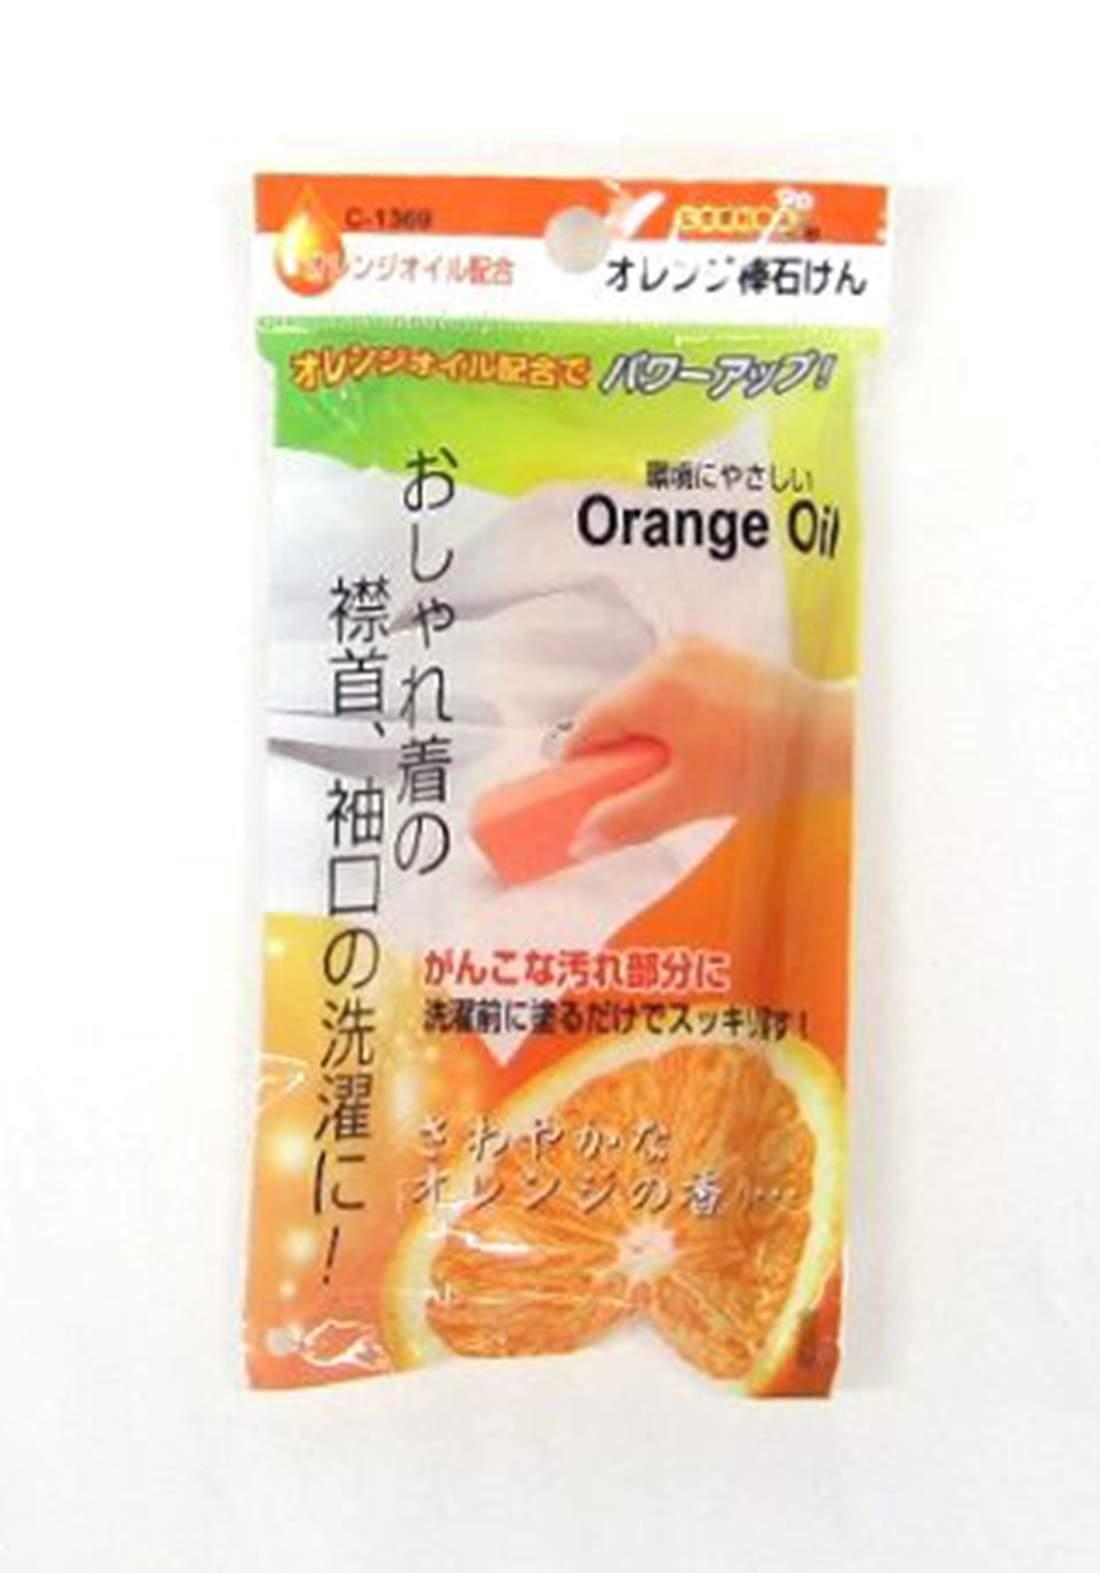 صابونة تنظيف الملابس بزيت البرتقال